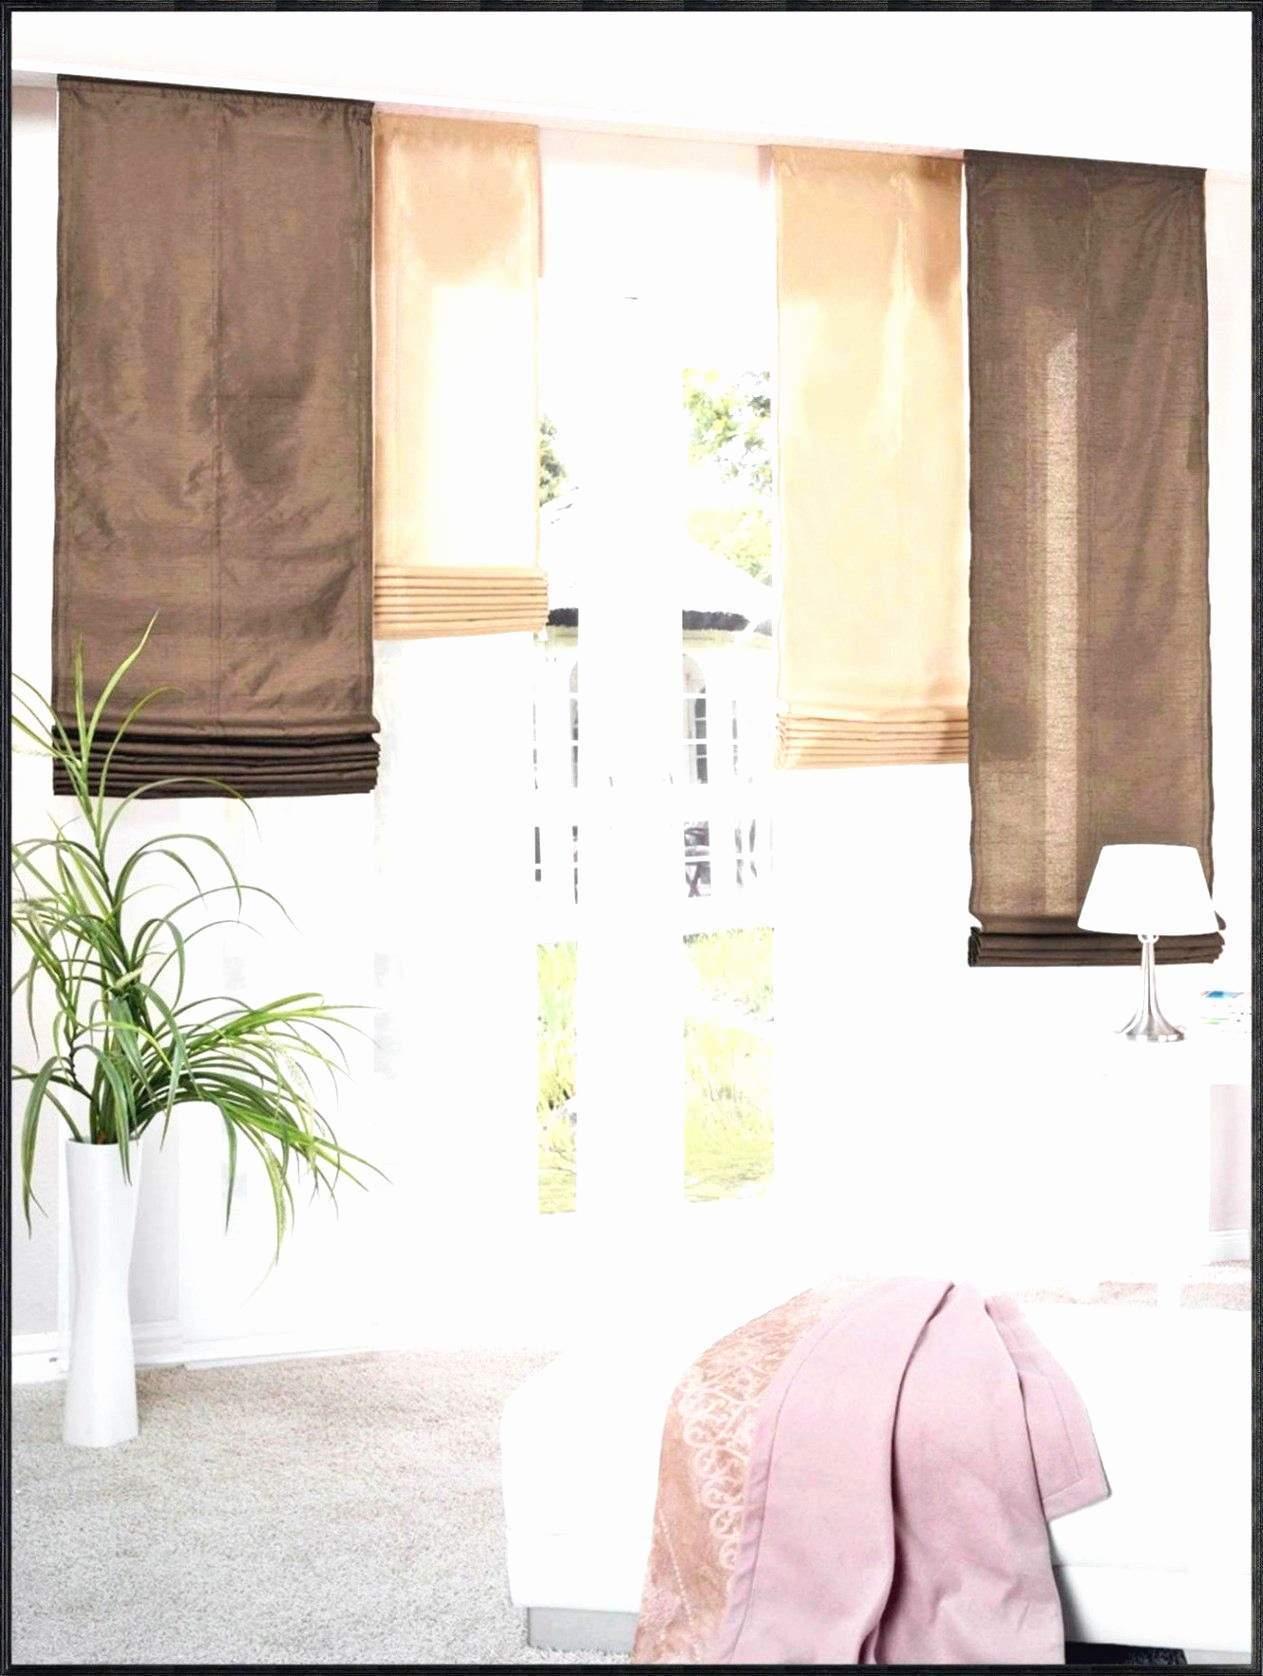 Full Size of 27 Einzigartig Edle Gardinen Wohnzimmer Genial Frisch Led Deckenleuchte Deckenlampe Schrank Deckenlampen Dekoration Rollo Tisch Sessel Teppich Komplett Wohnzimmer Edle Gardinen Wohnzimmer